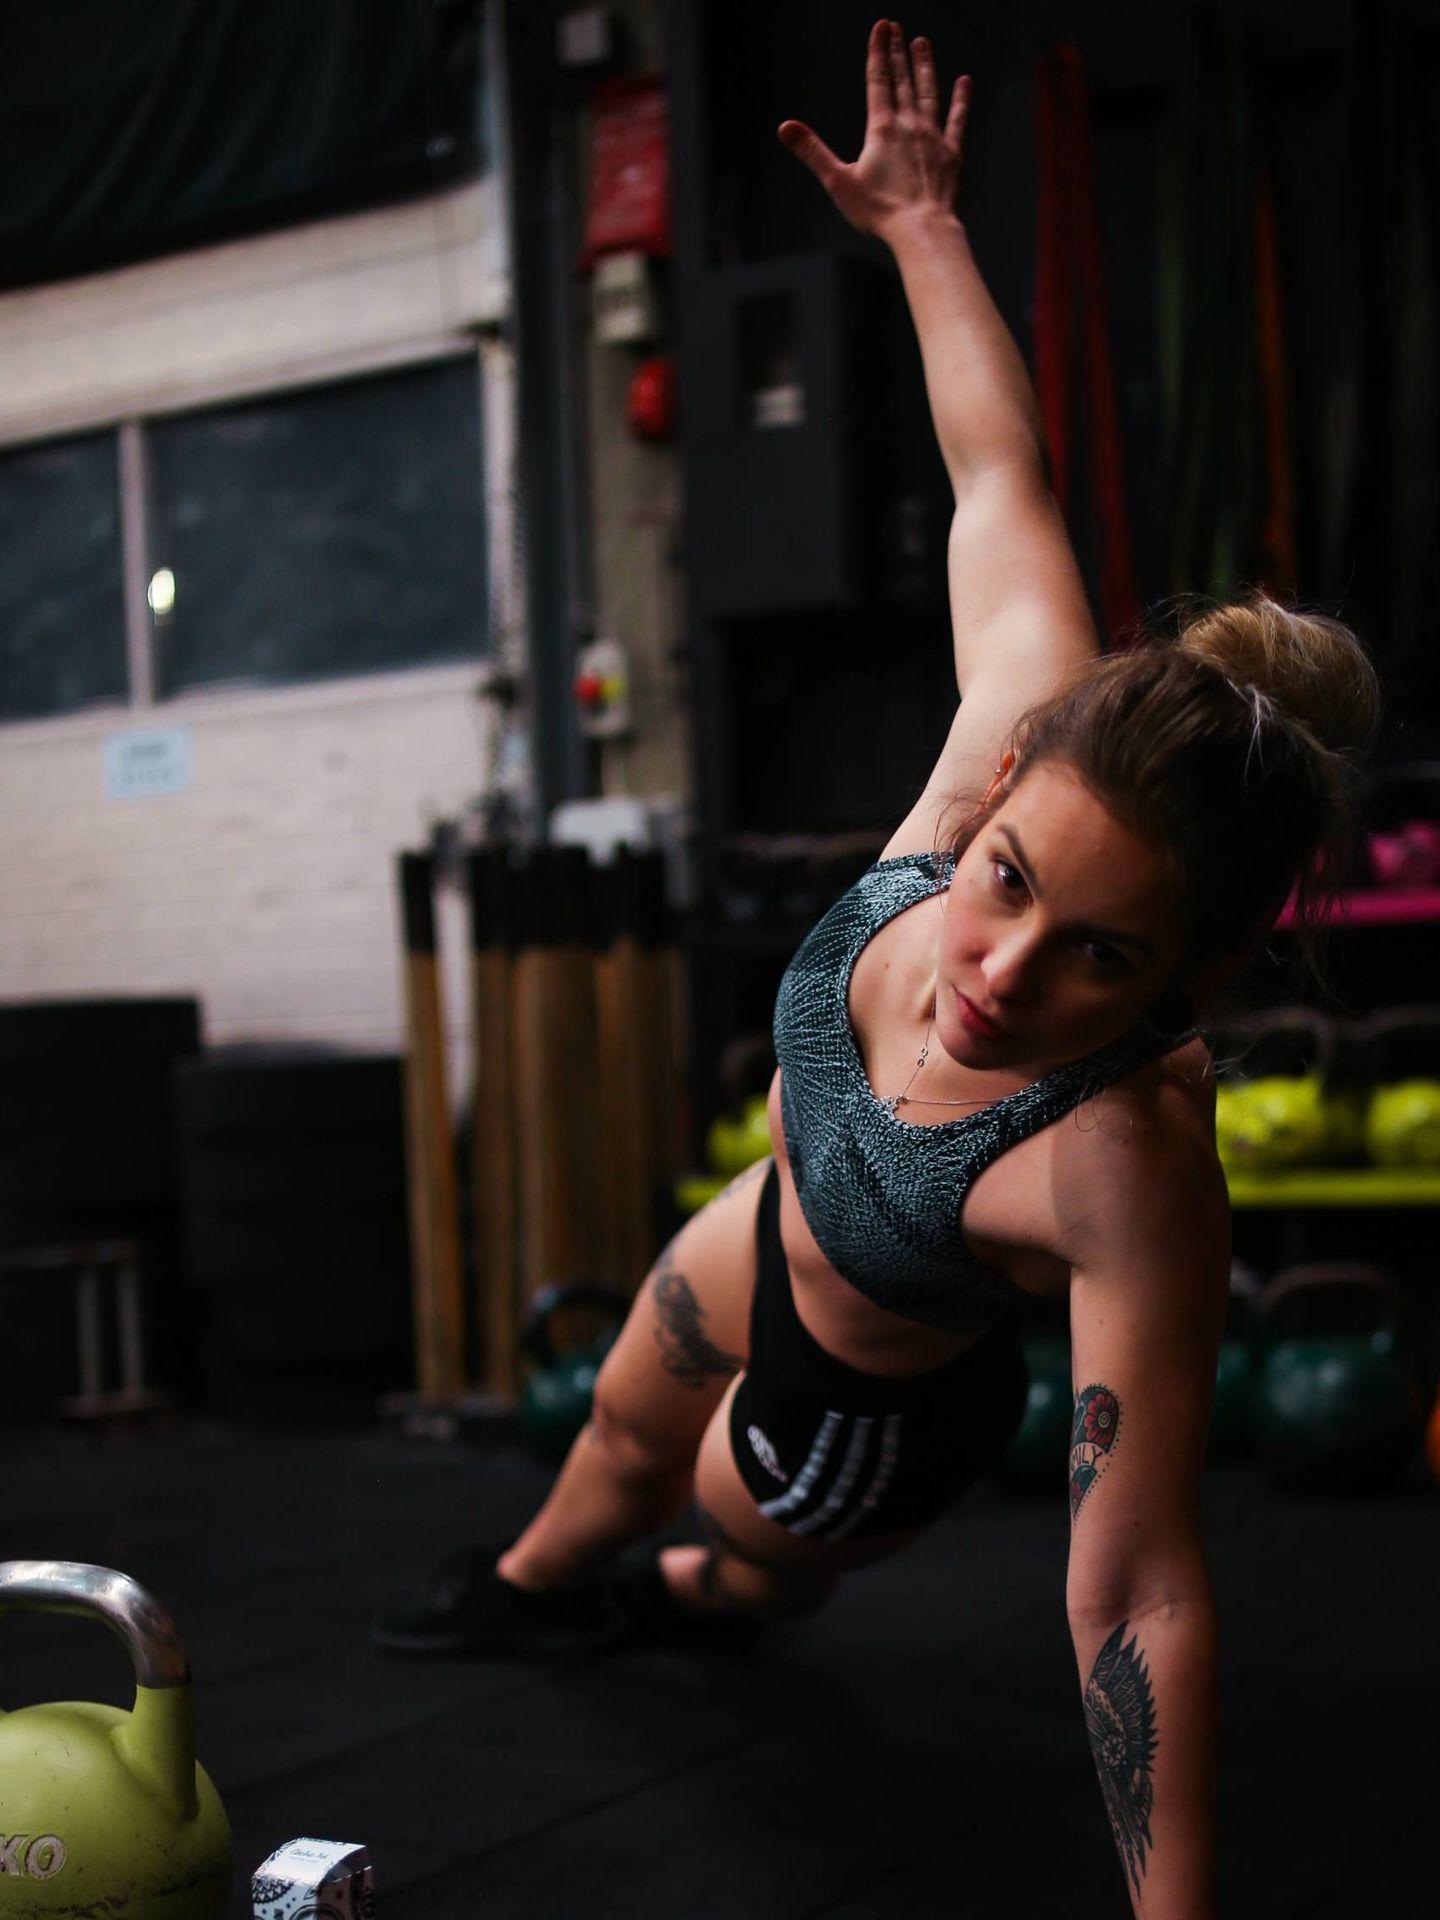 La plancha lateral, un ejercicio isométrico con el que activar el core. (Hipcravo para Unsplash)